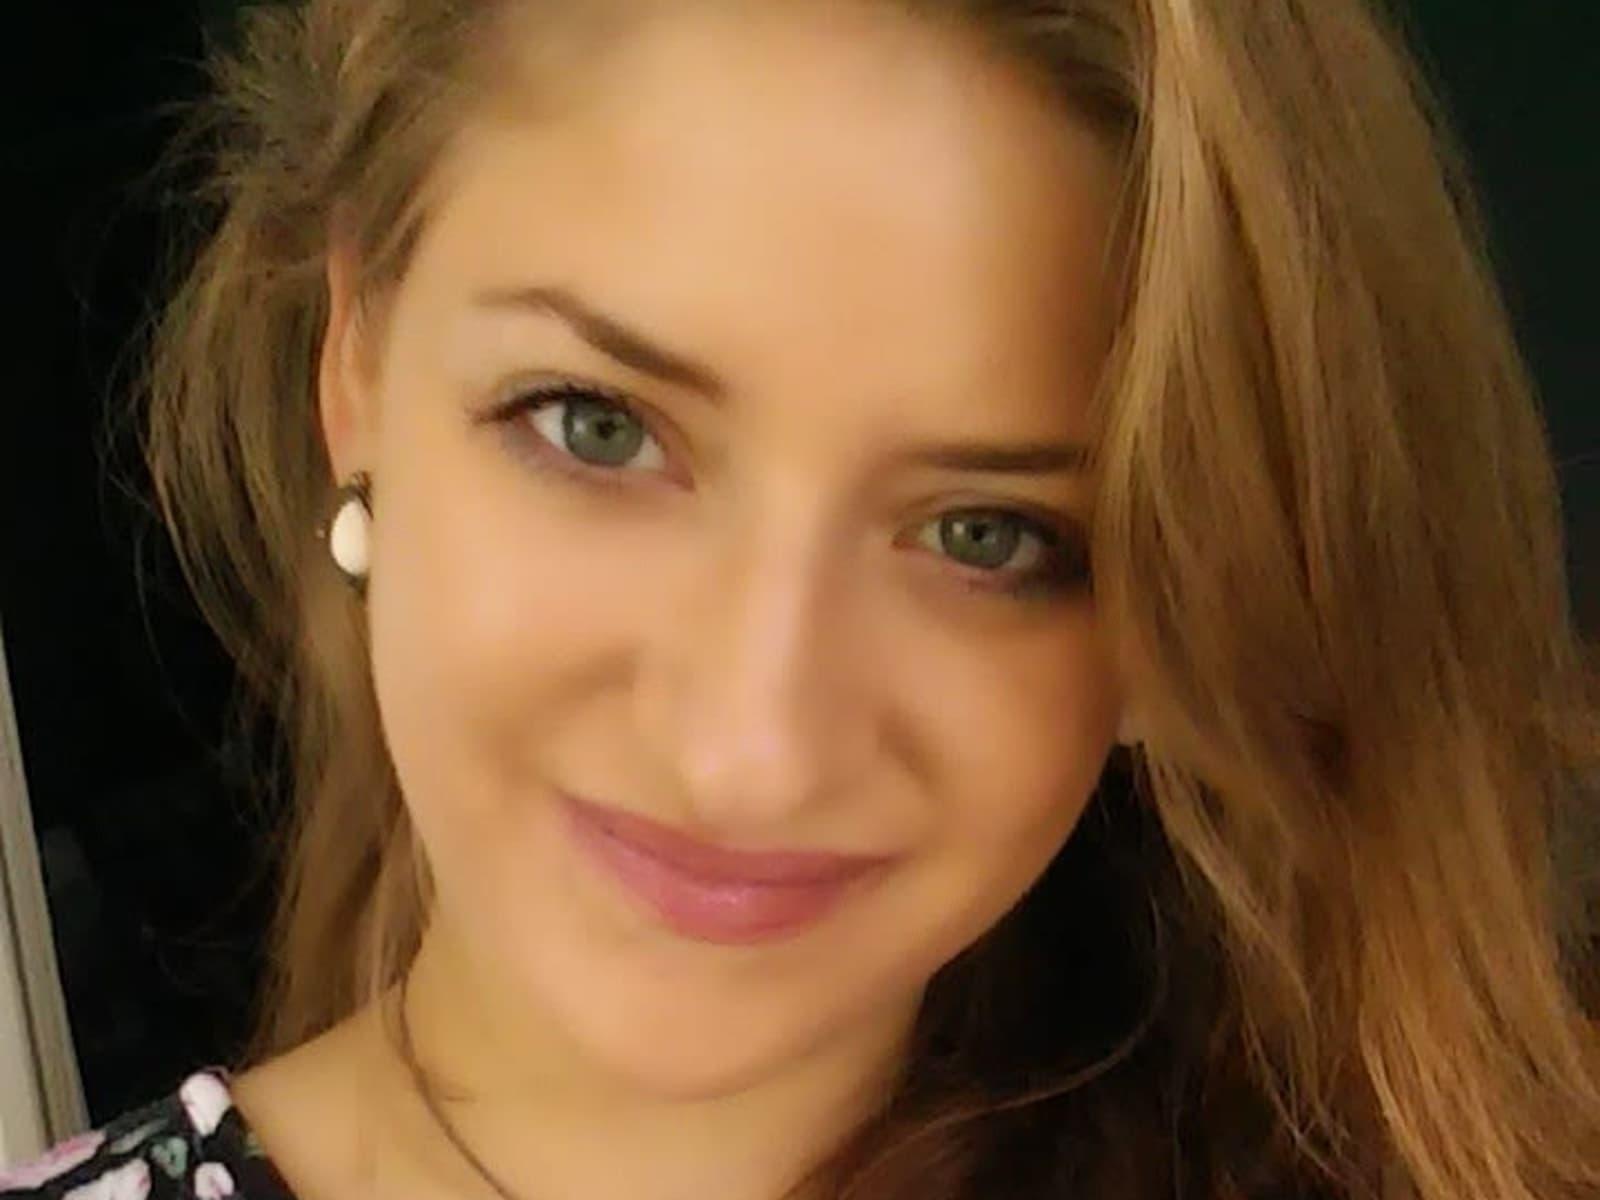 Marina from Munich, Germany